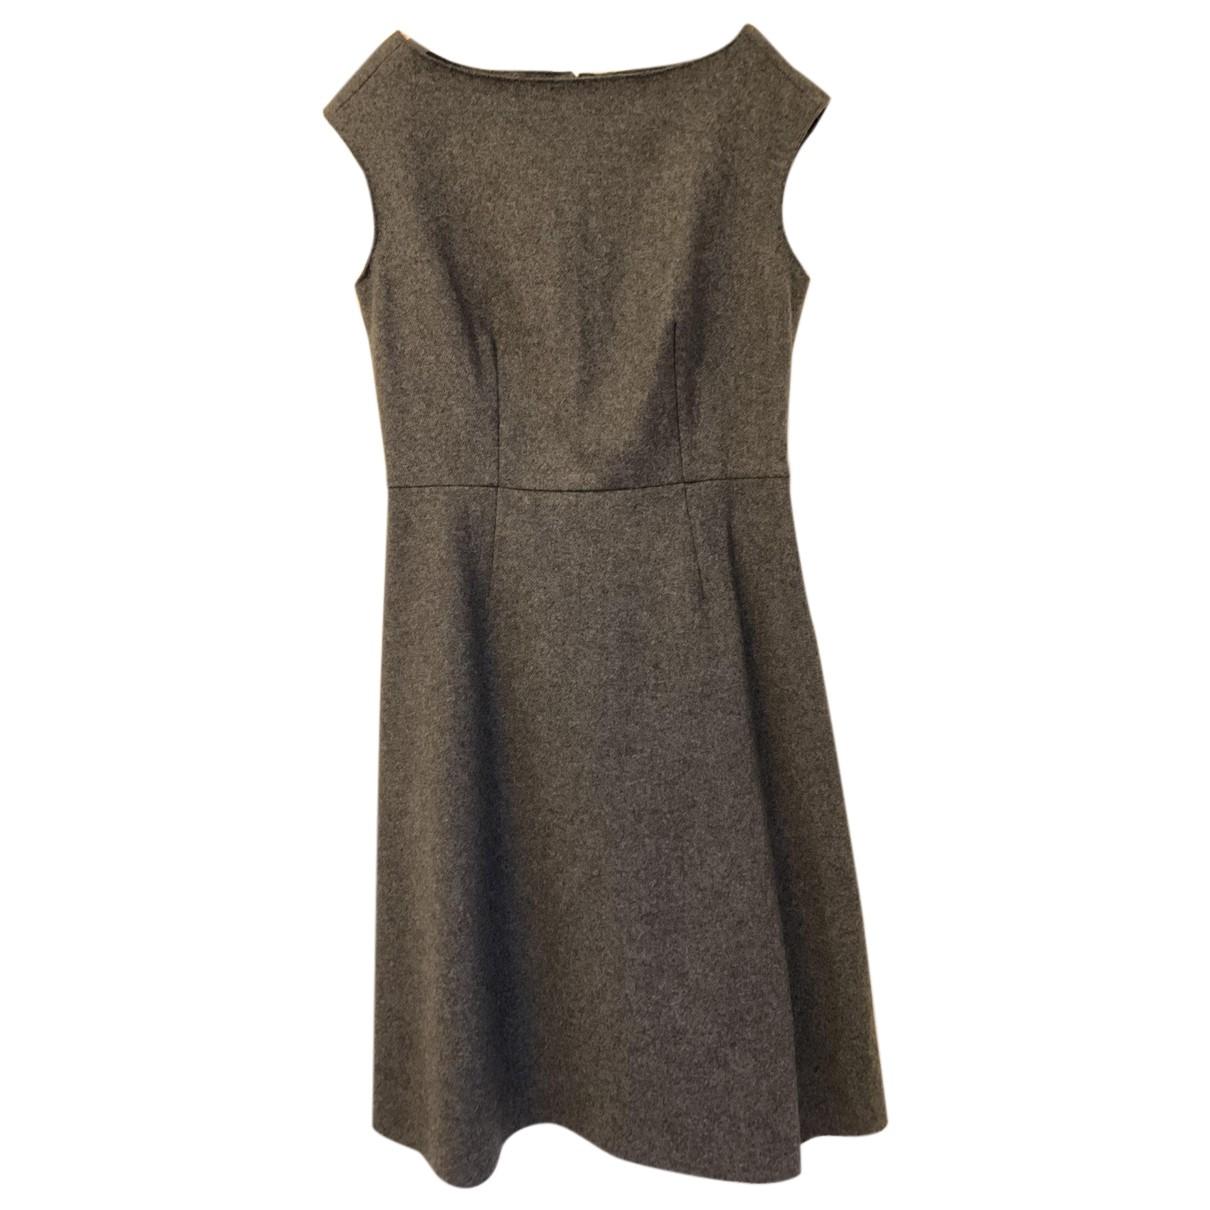 Innamorato \N Kleid in  Anthrazit Wolle